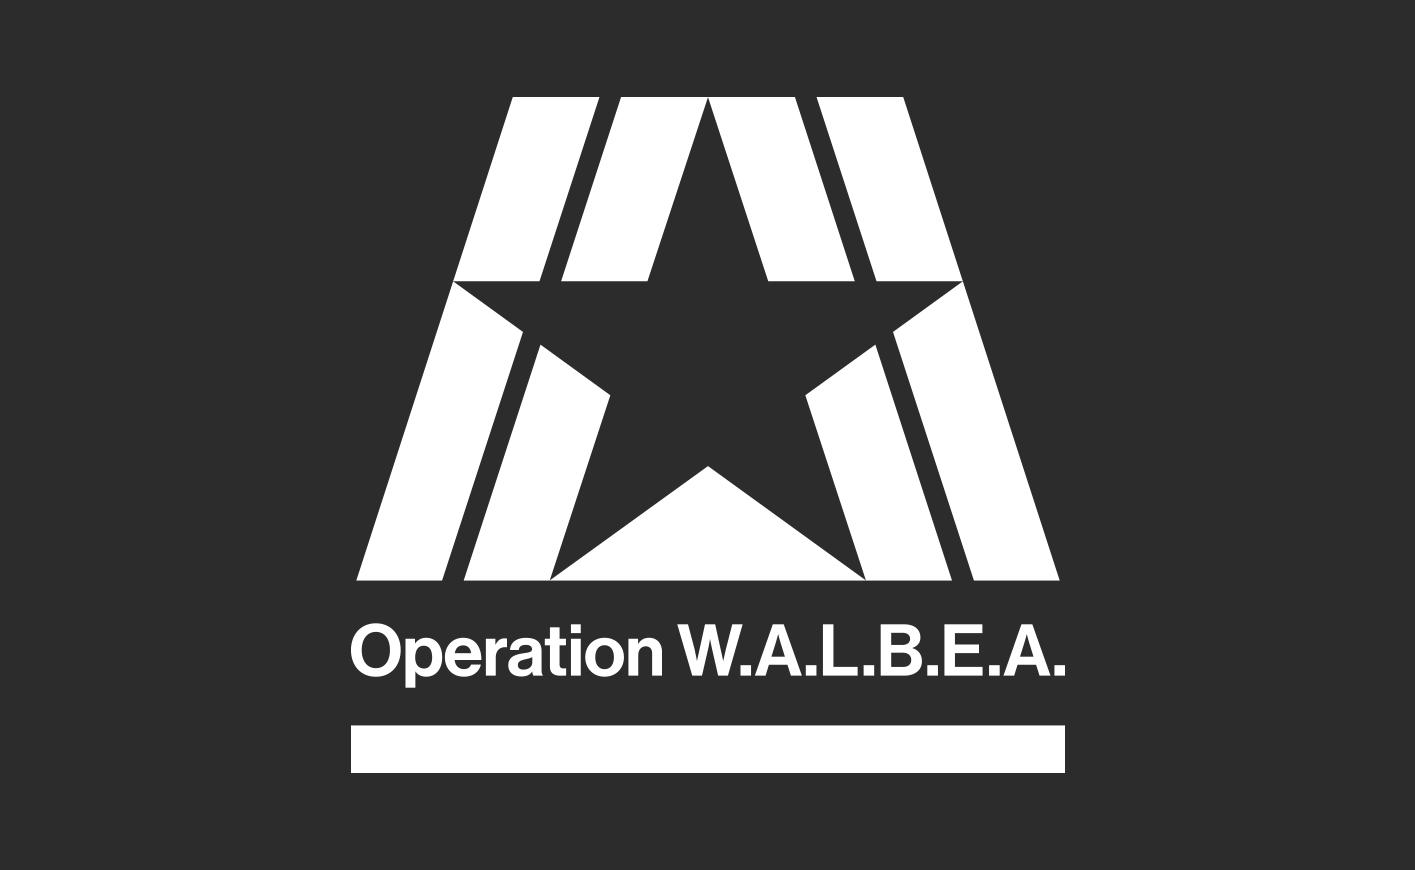 OPWALBEA-logo